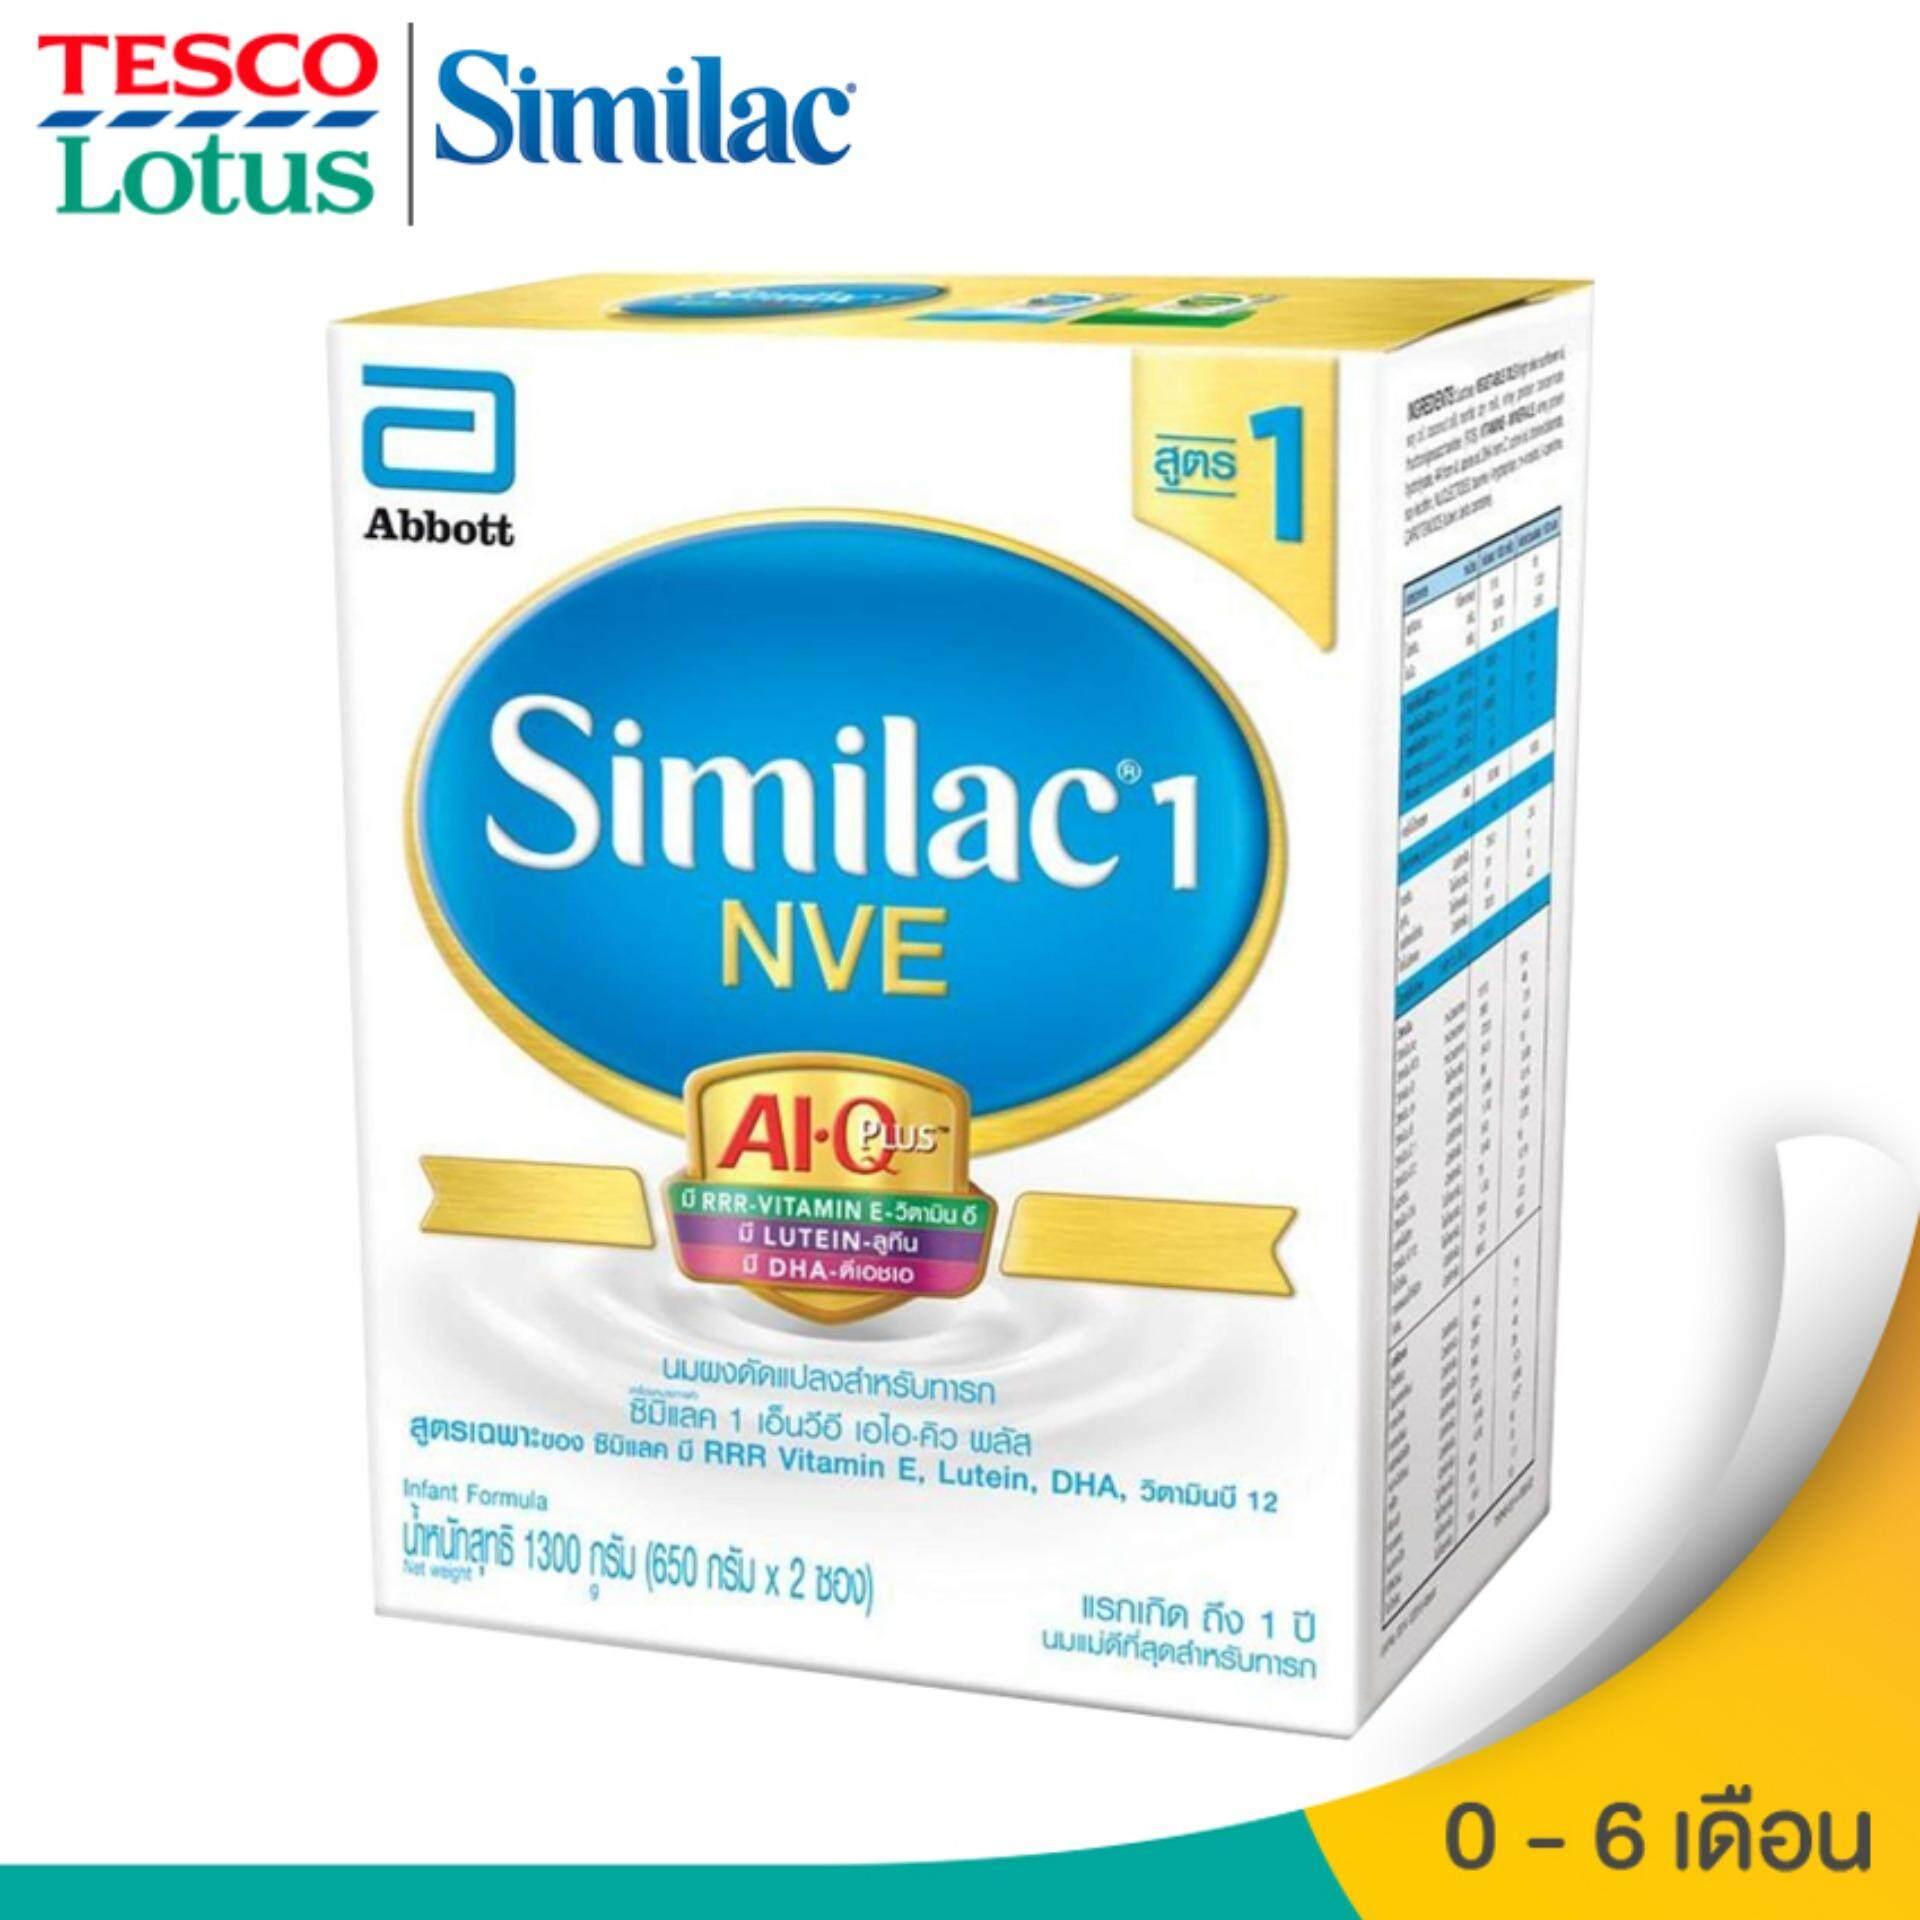 ซื้อที่ไหน  SIMILAC ซิมิแลค นมผงสำหรับเด็ก ช่วงวัยที่ 1 เอไอ-คิว พลัส อินเทลลิ-โปร 1300 กรัม   รีวิว ของแท้